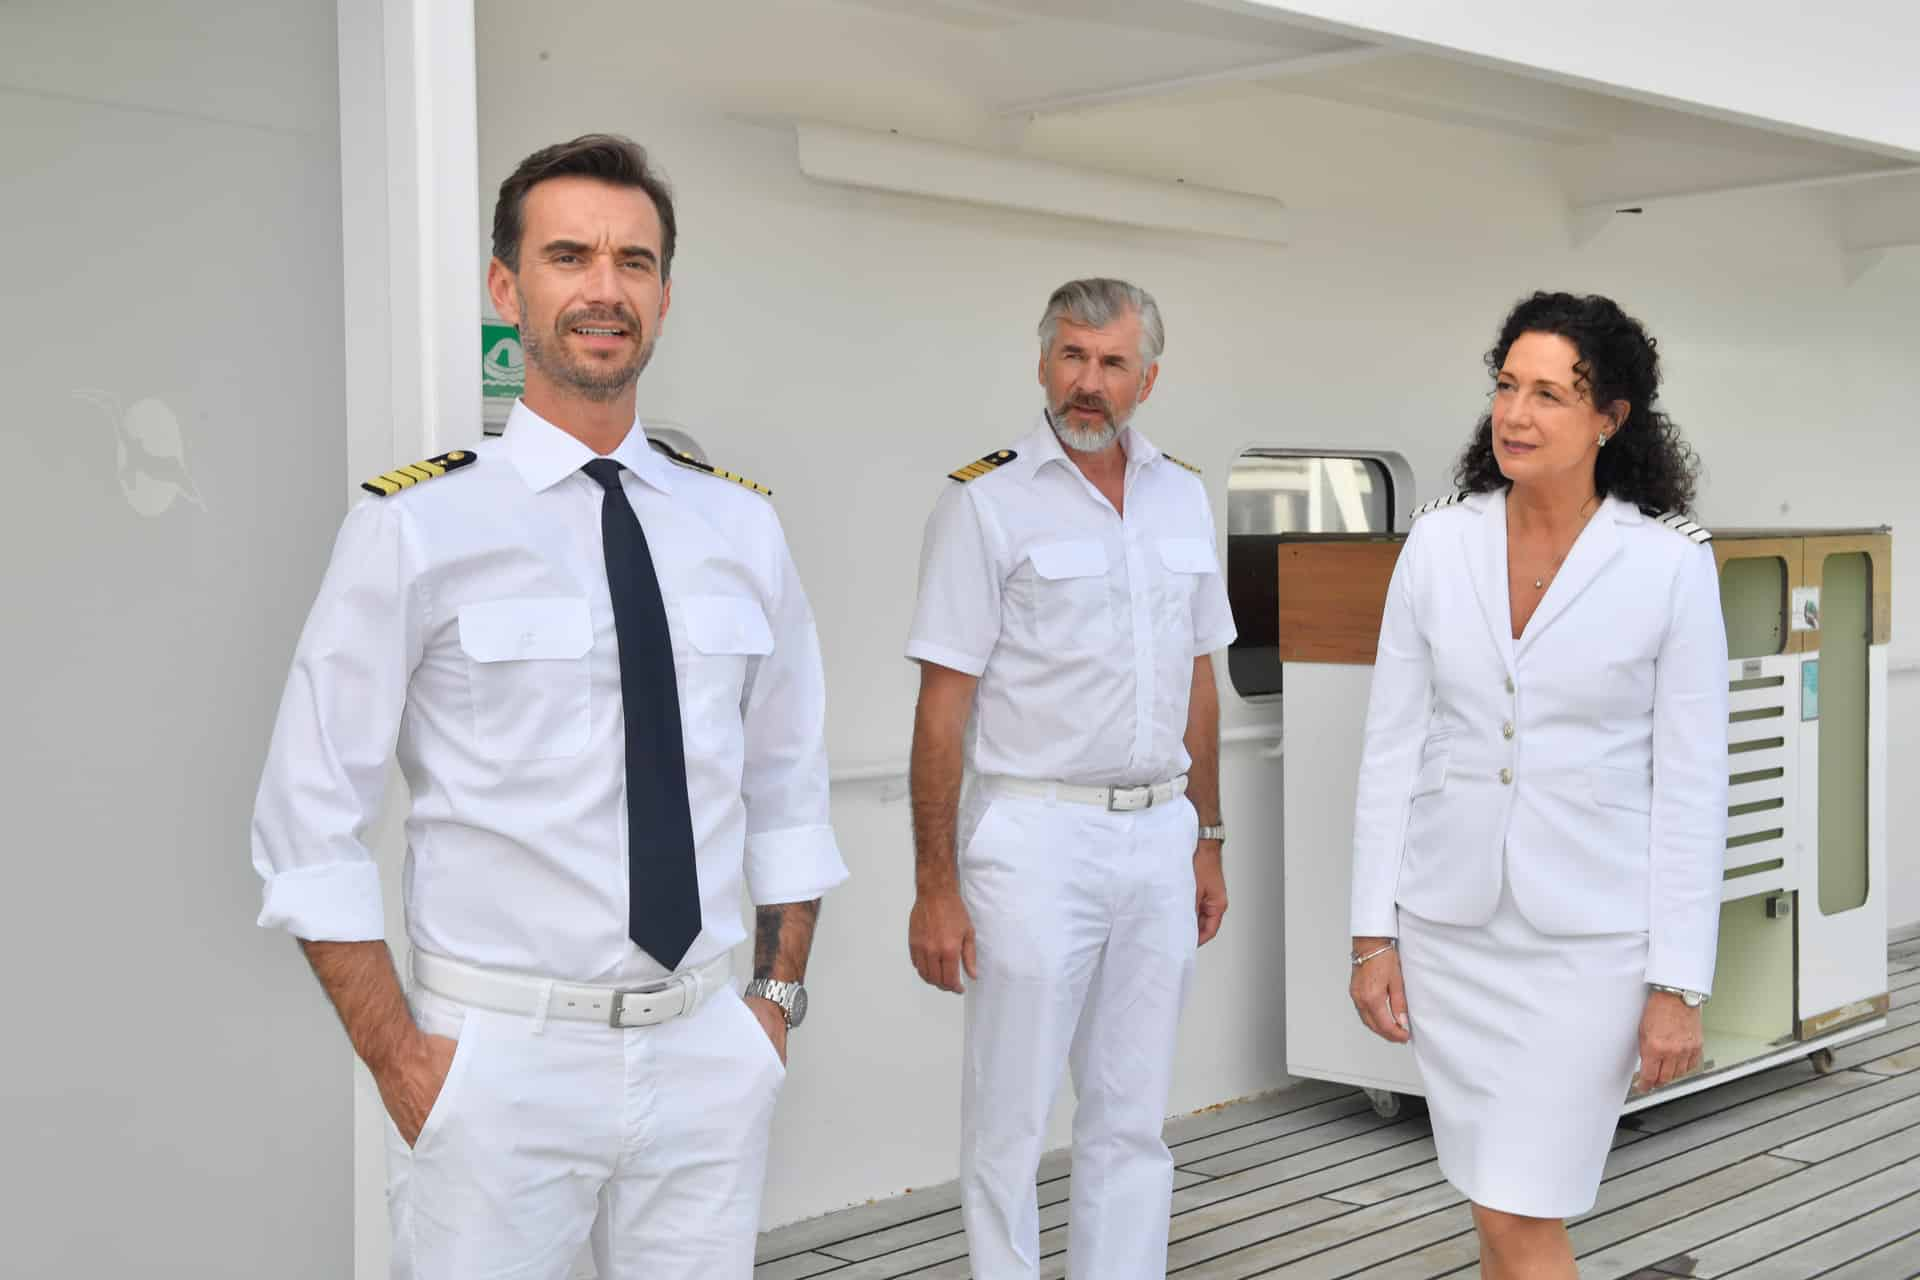 Das-Traumschiff-mit-Florian-Silbereisen-am-01-01-2021-im-ZDF-